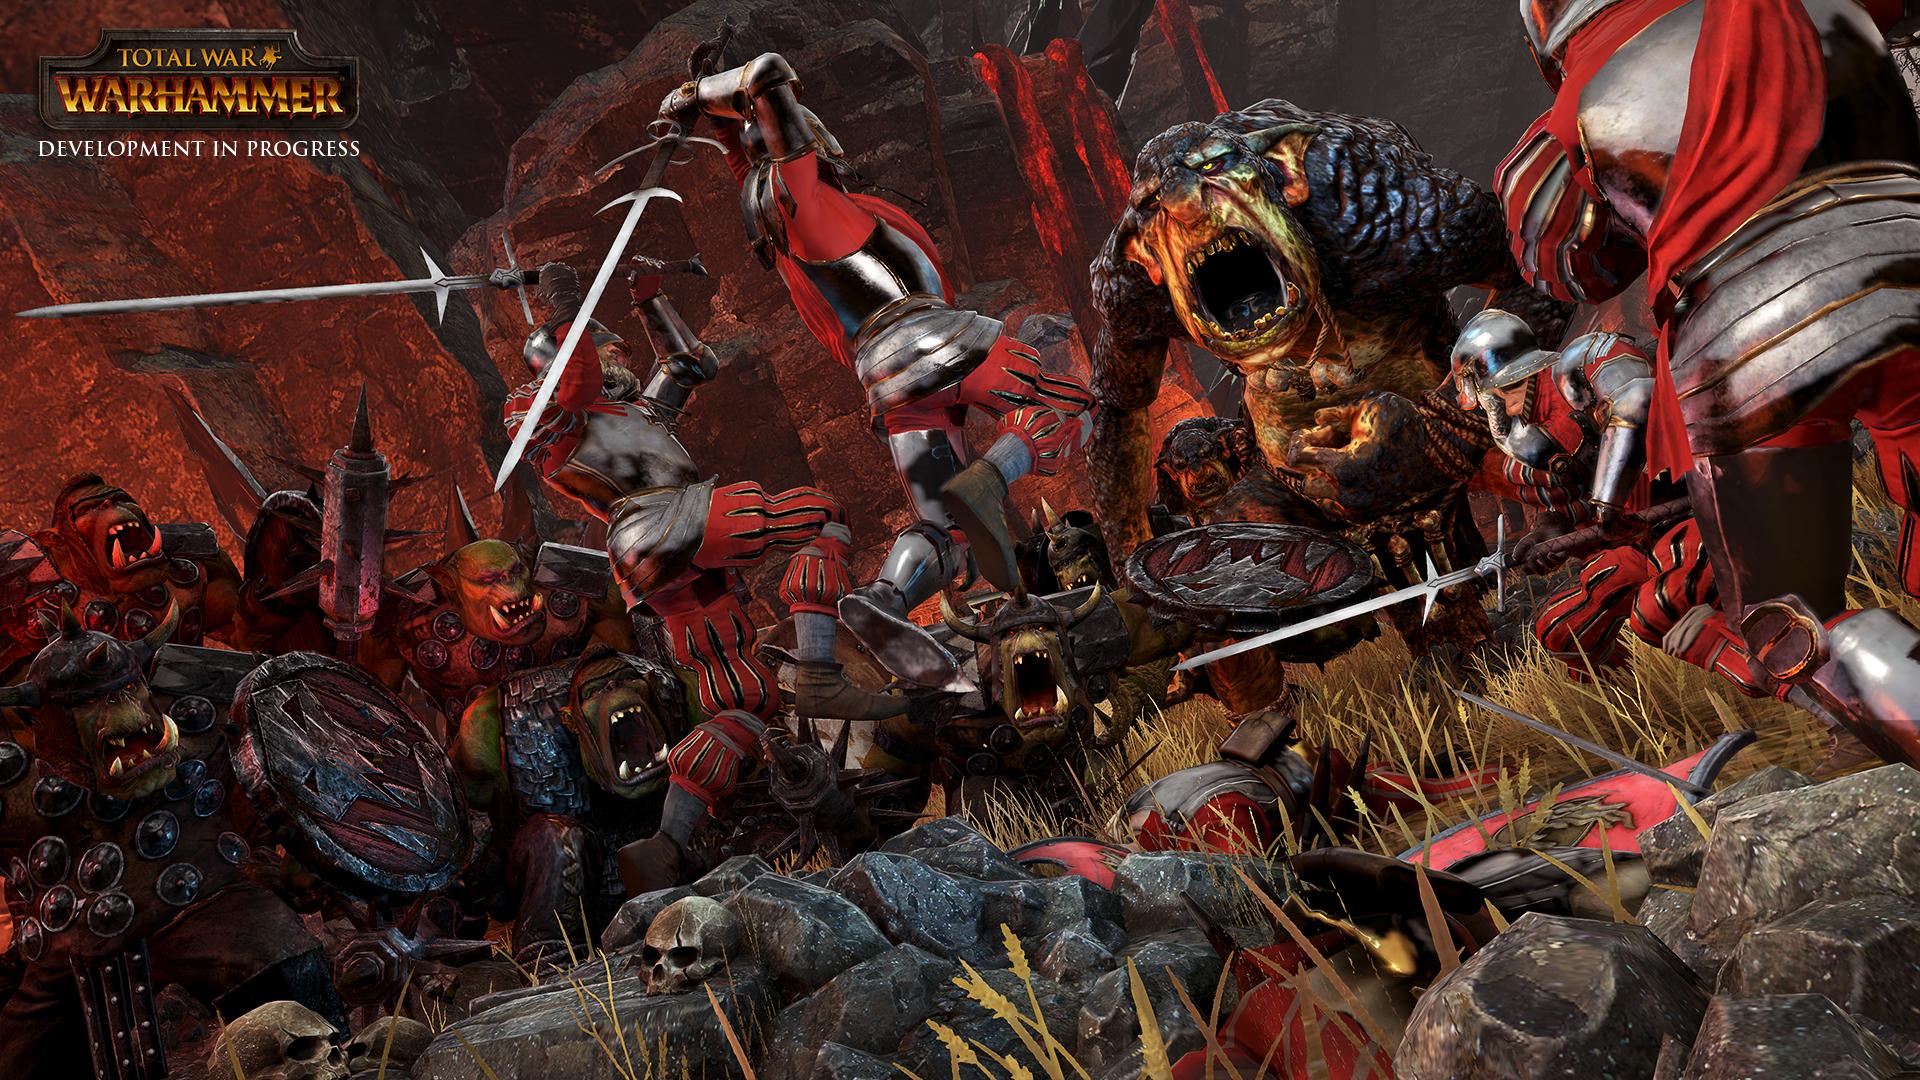 Total War Warhammer Wallpaper